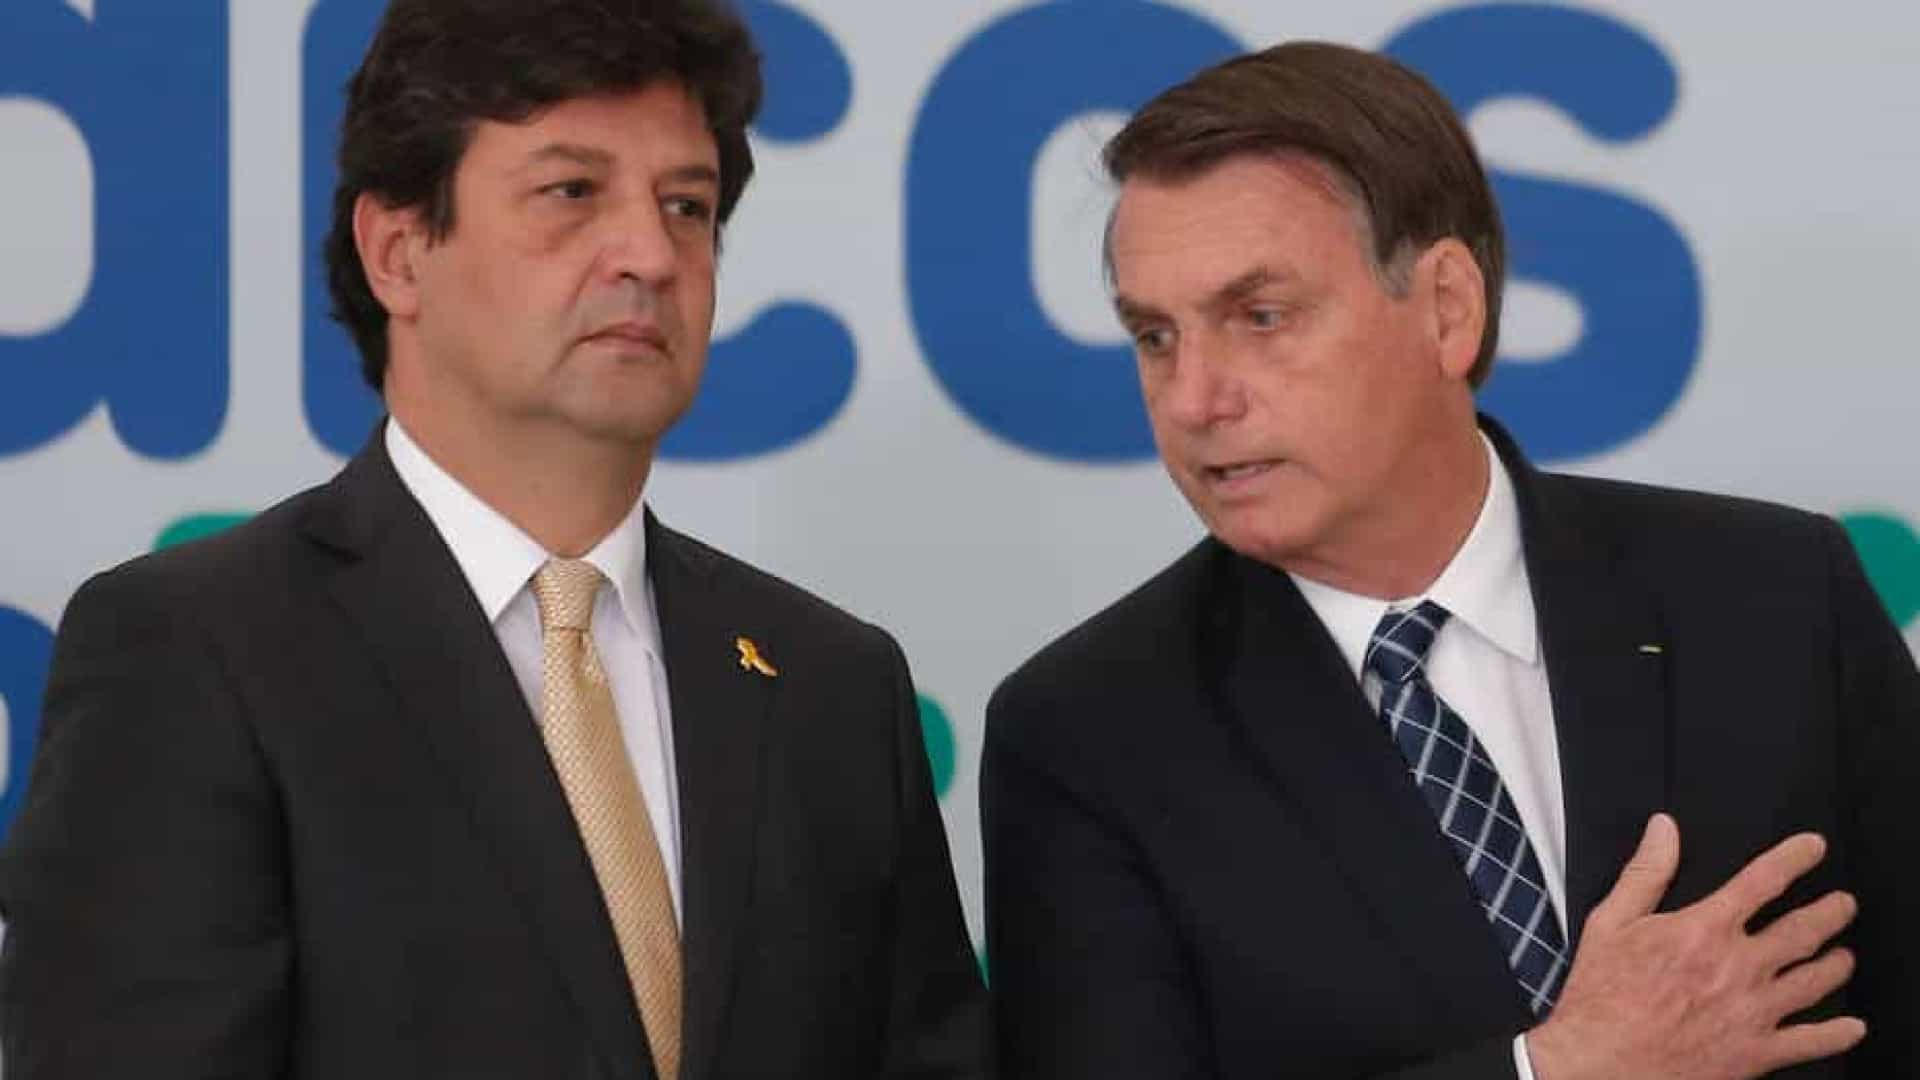 """Bolsonaro: fala de Mandetta sobre """"trezoitão"""" iria contra profissão de médico"""